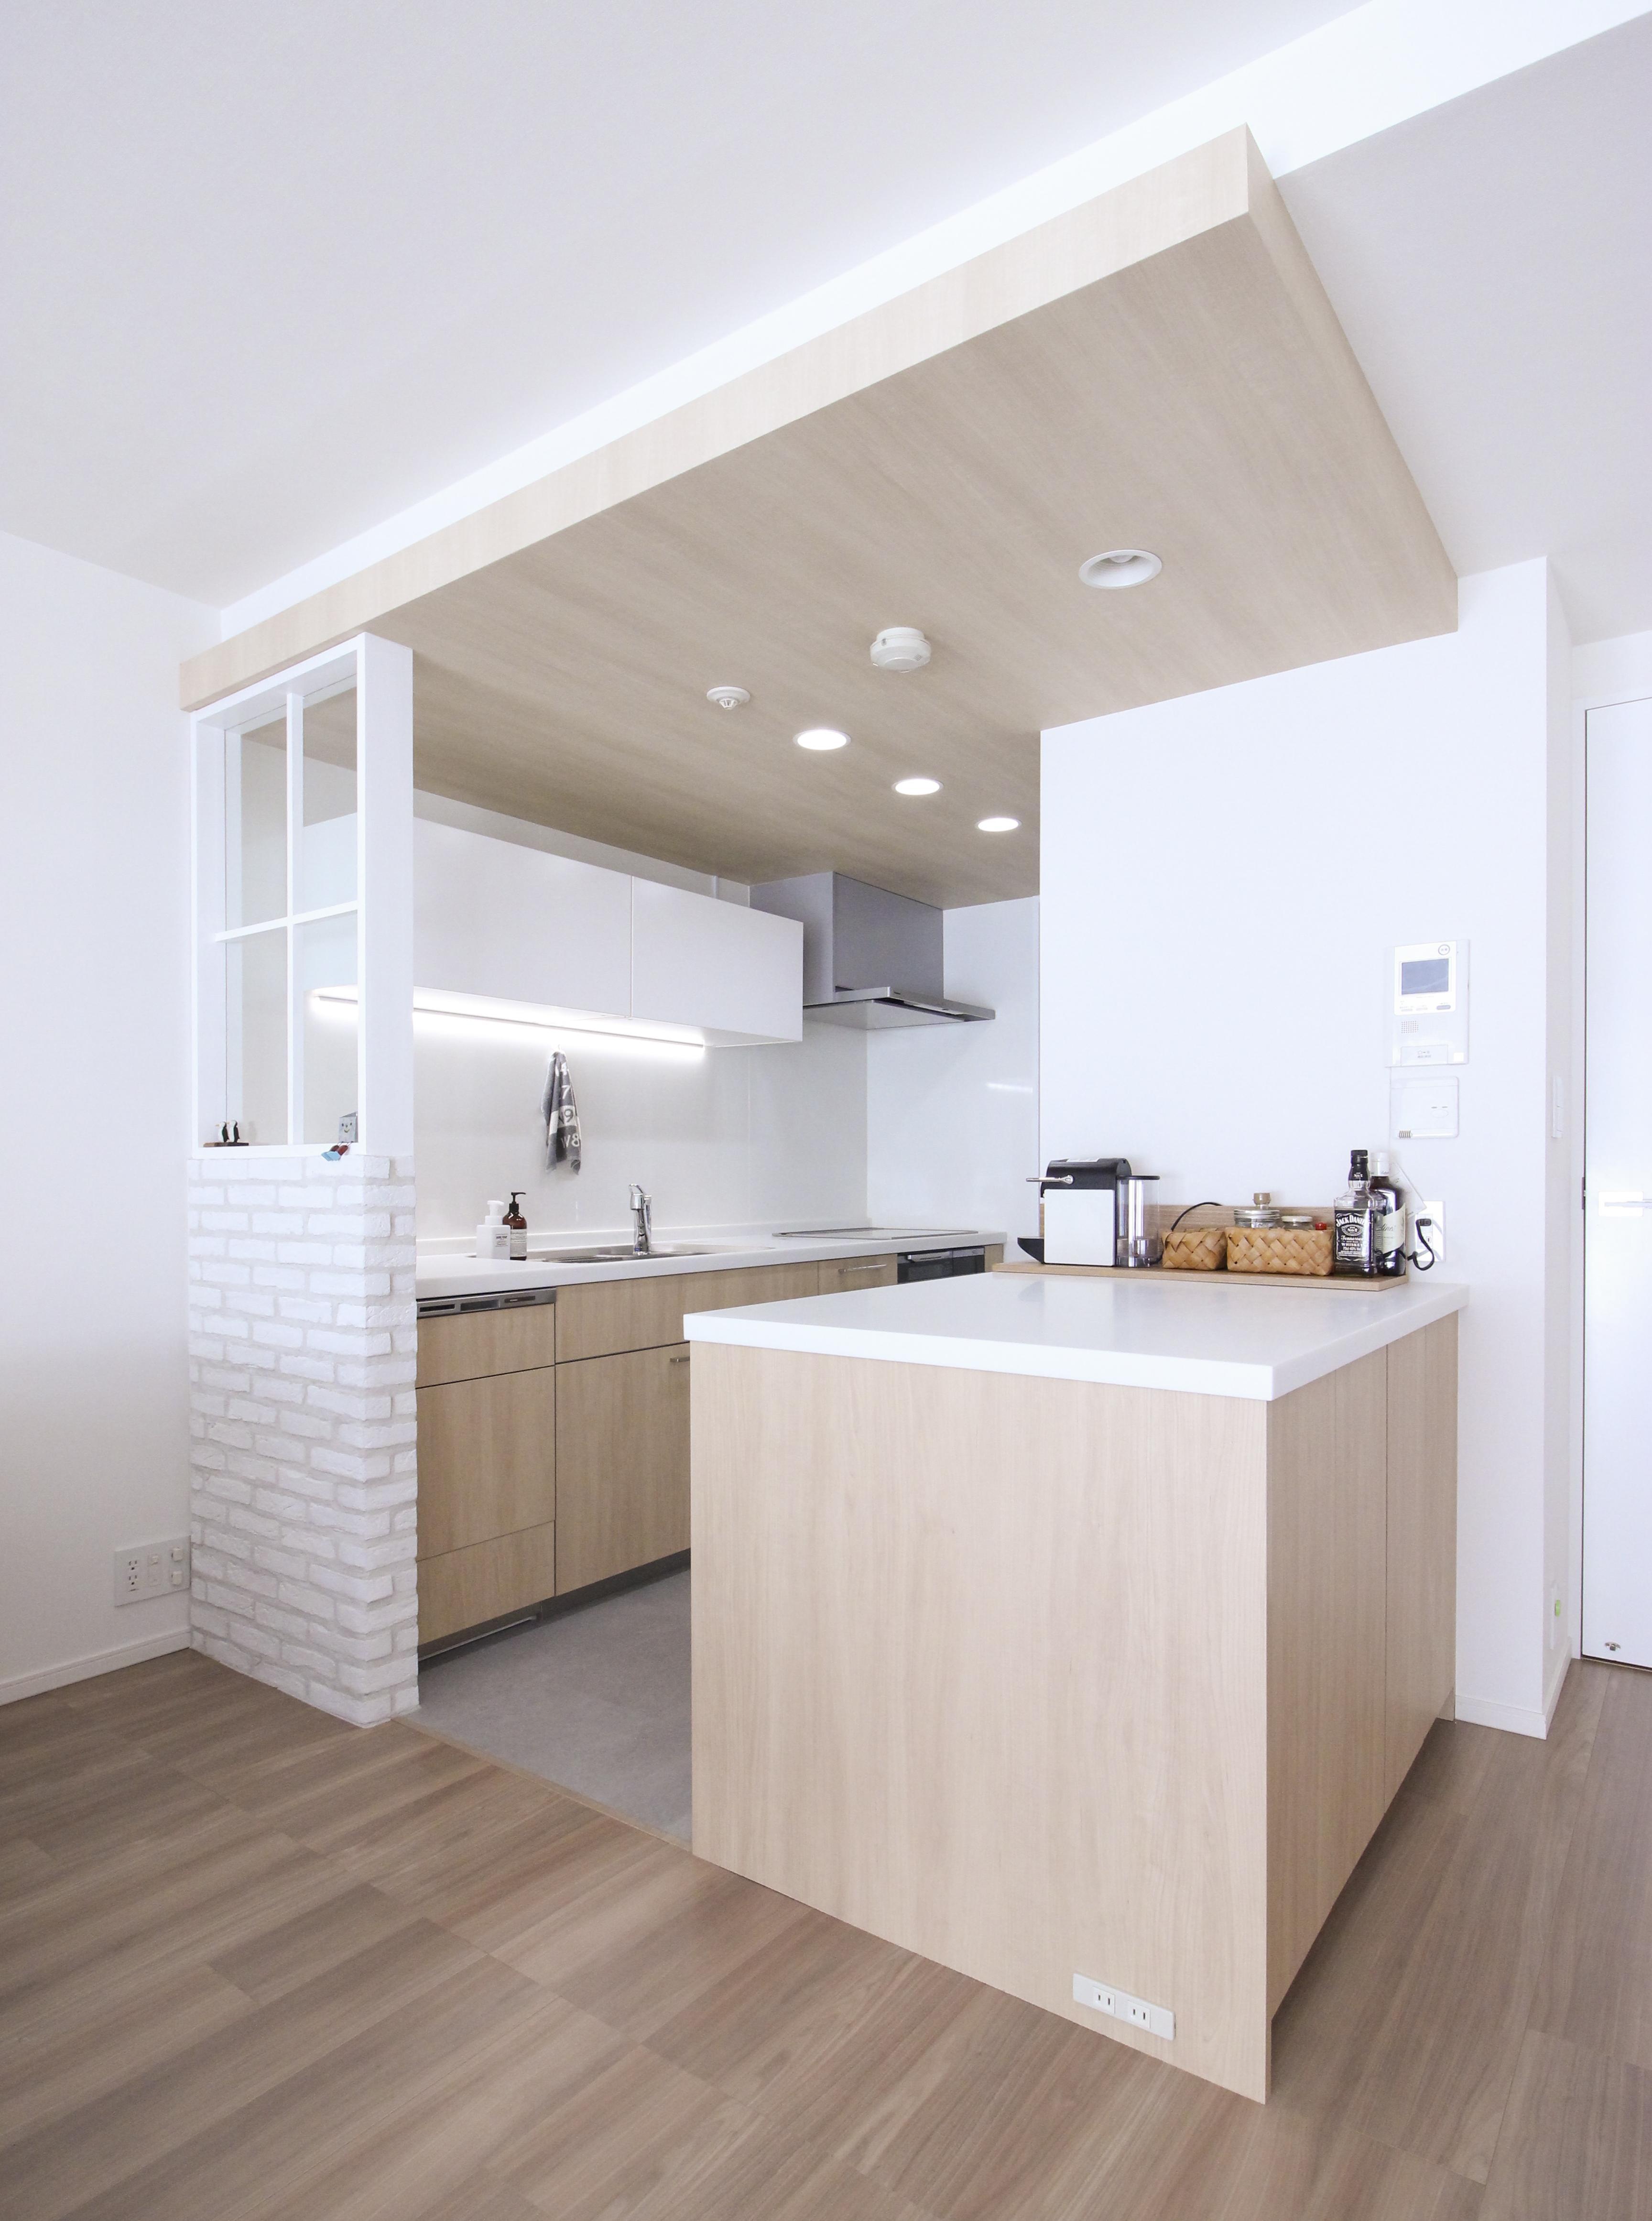 建築家:碧山美樹「建築家とつくりあげた理想のリノベーション空間」